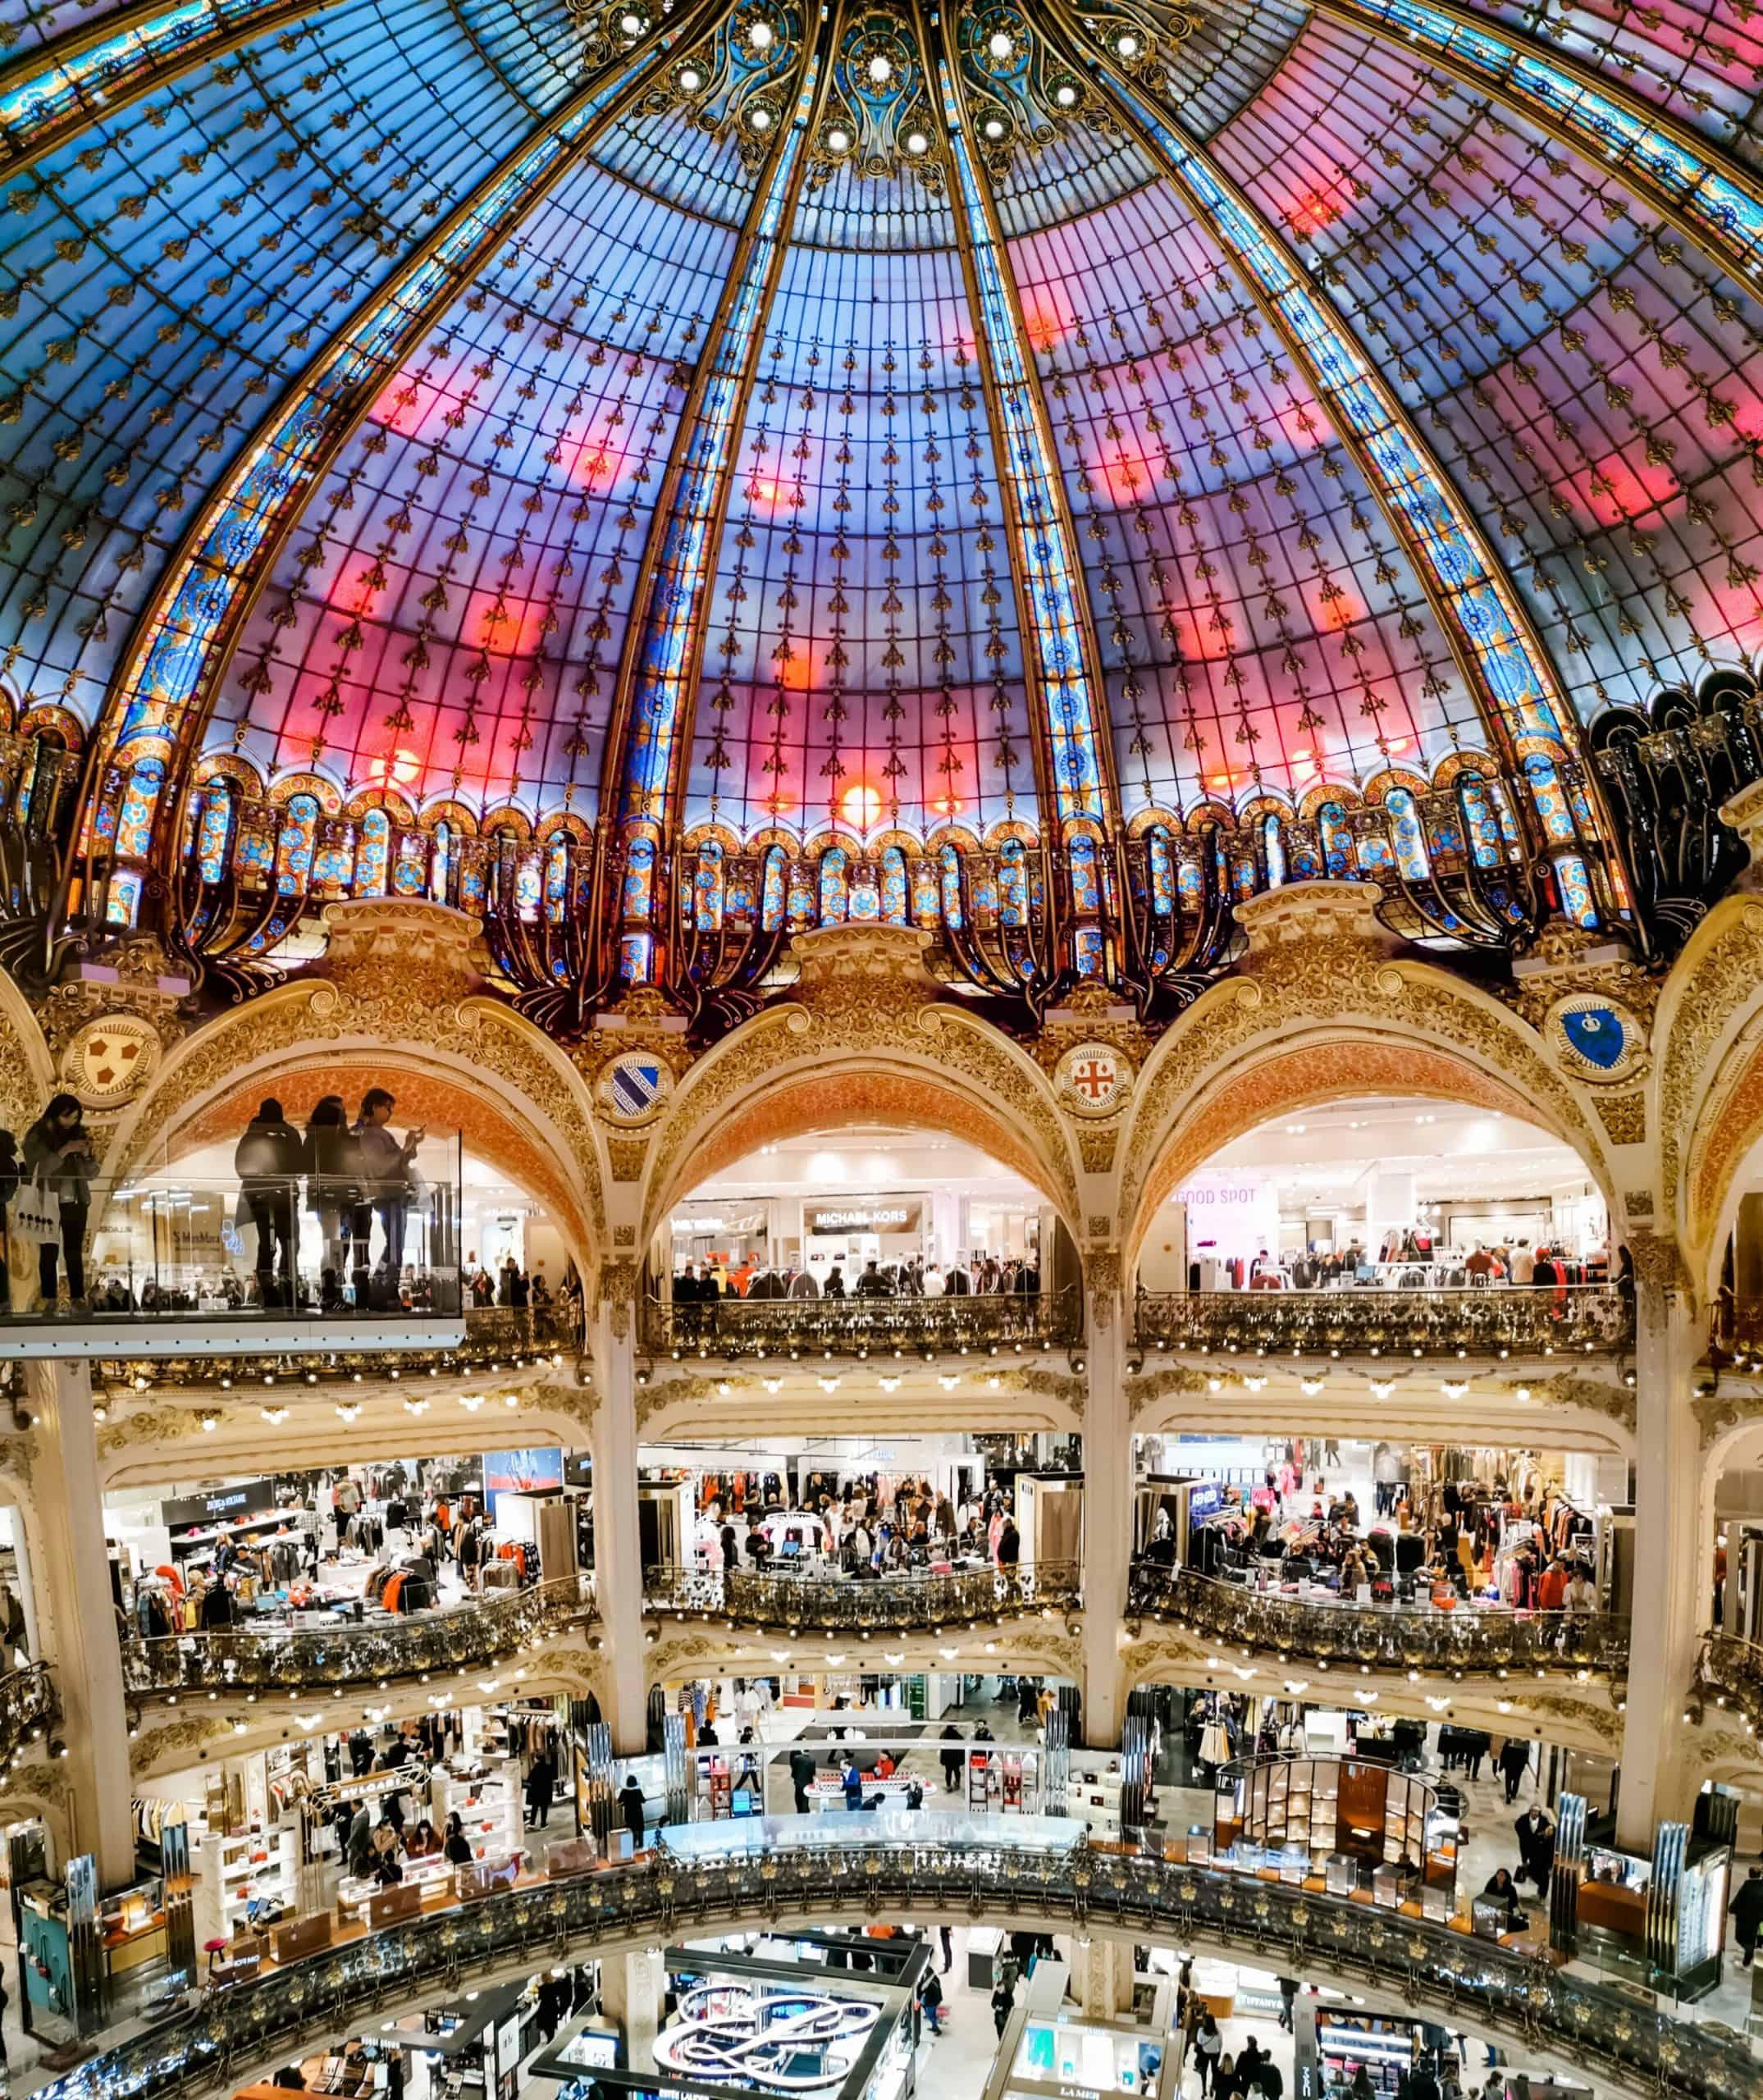 galeries lafayette paris atrium catwalk